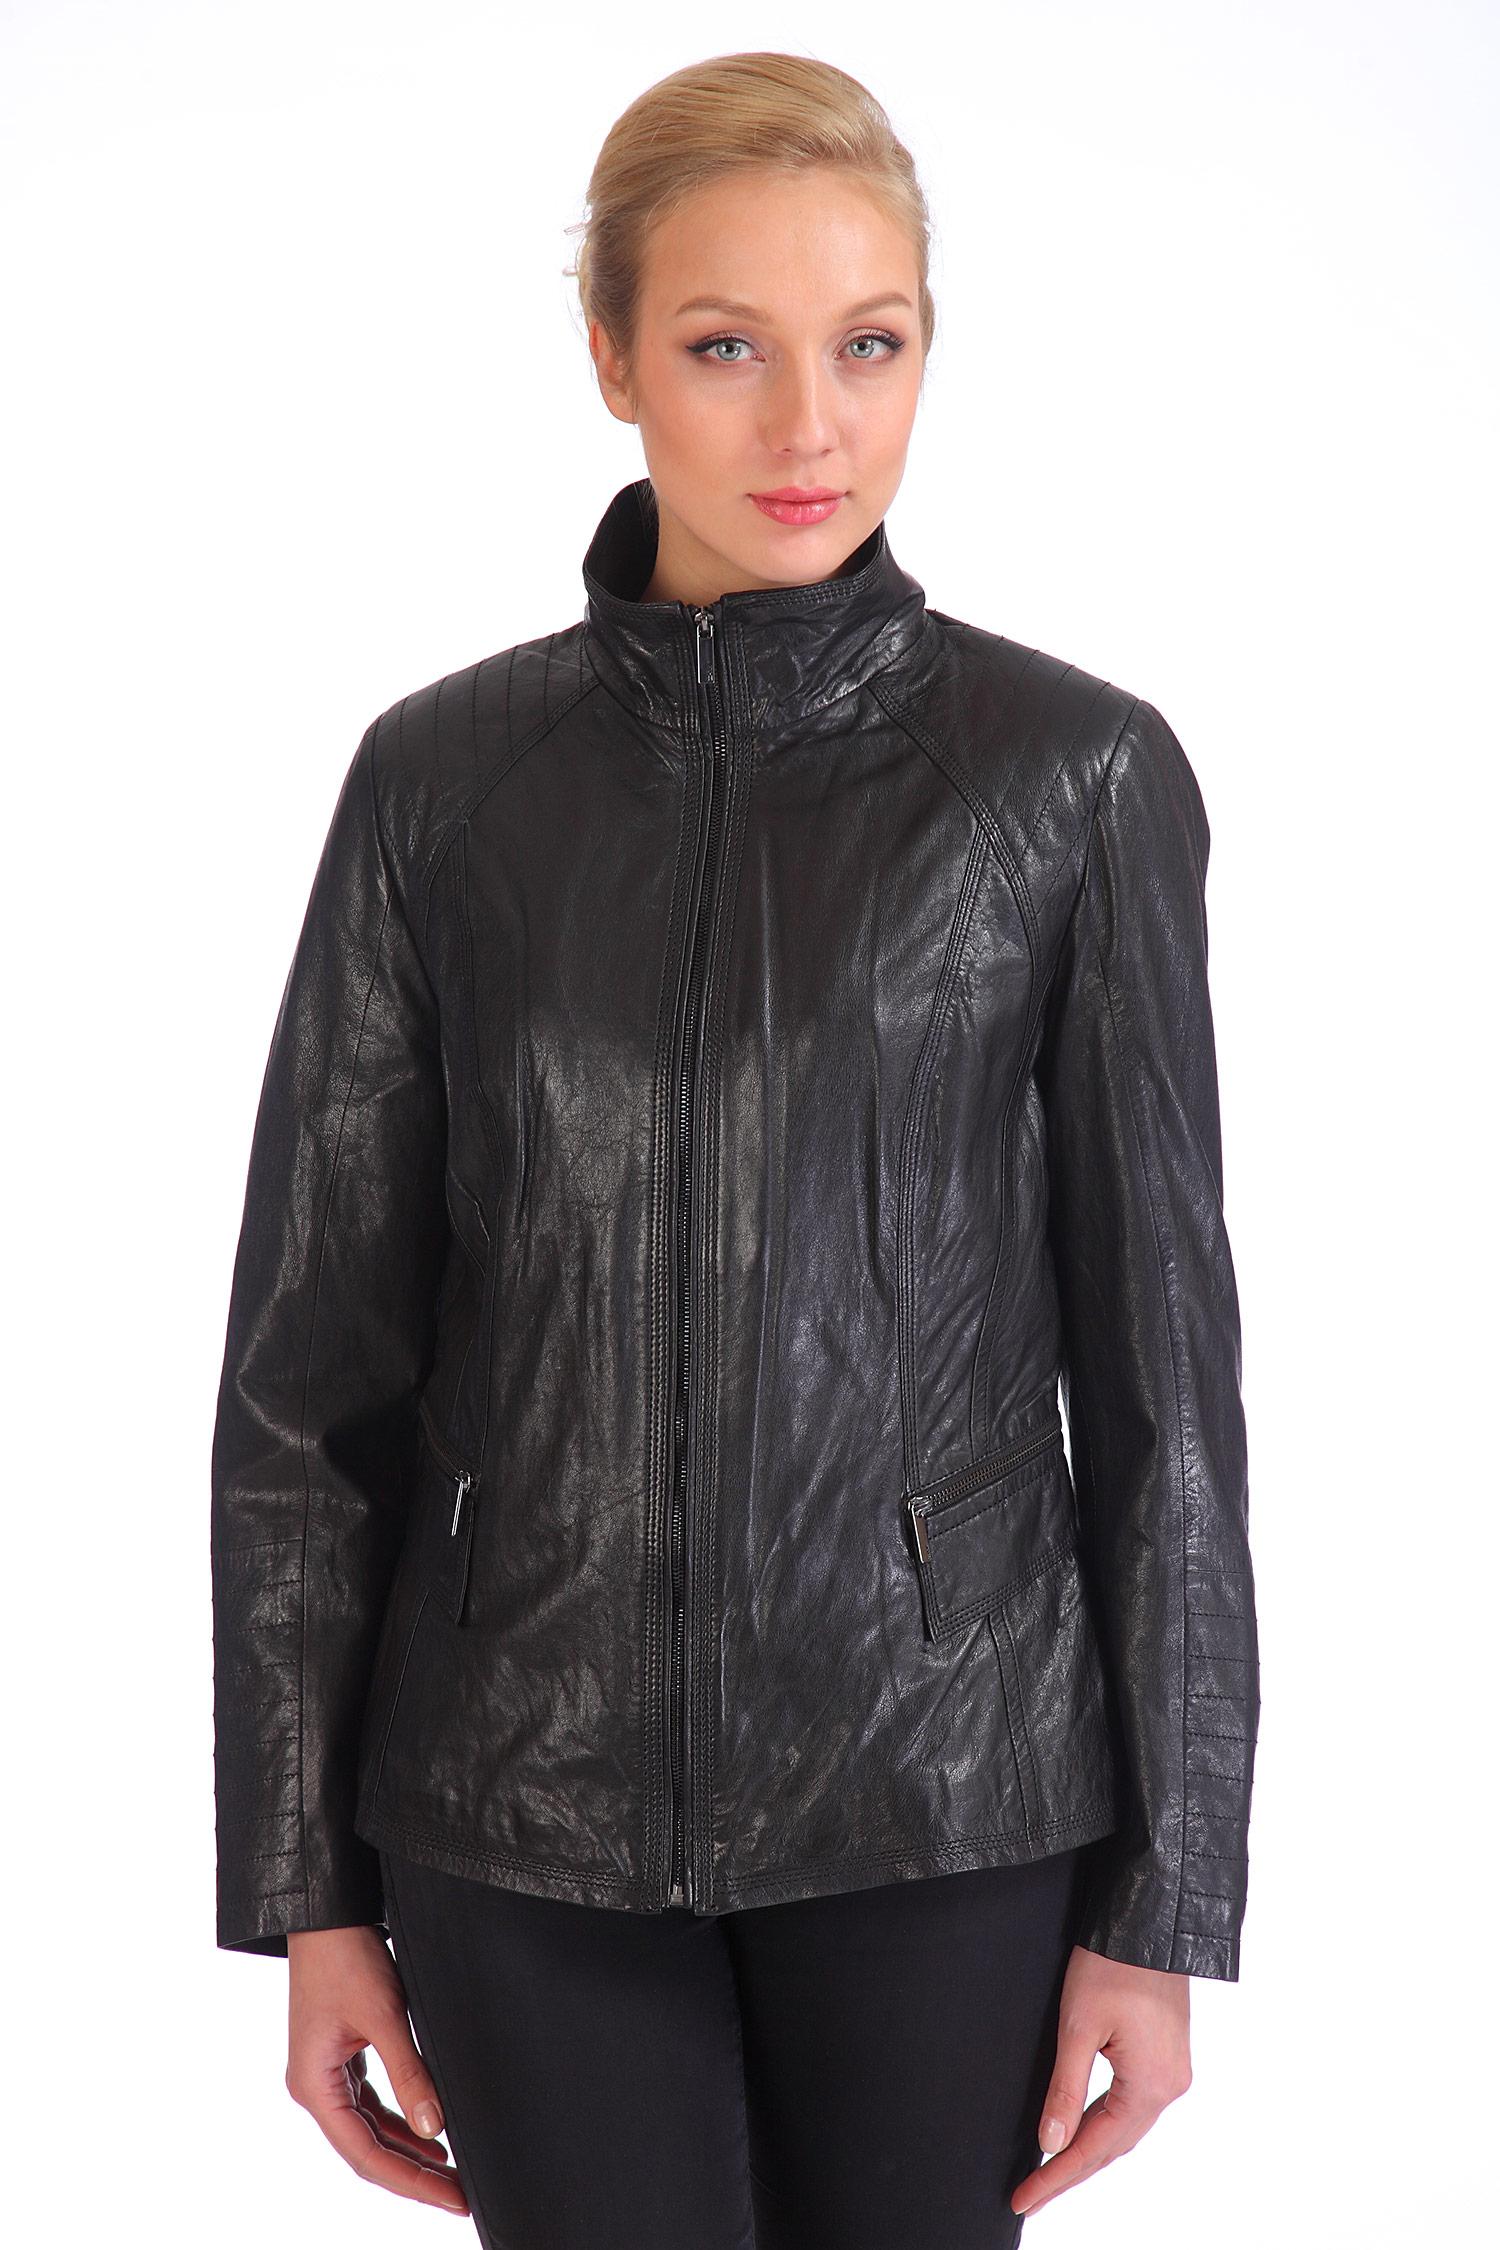 Женская кожаная куртка из натуральной кожи с воротником, отделка искусственный мех от Московская Меховая Компания